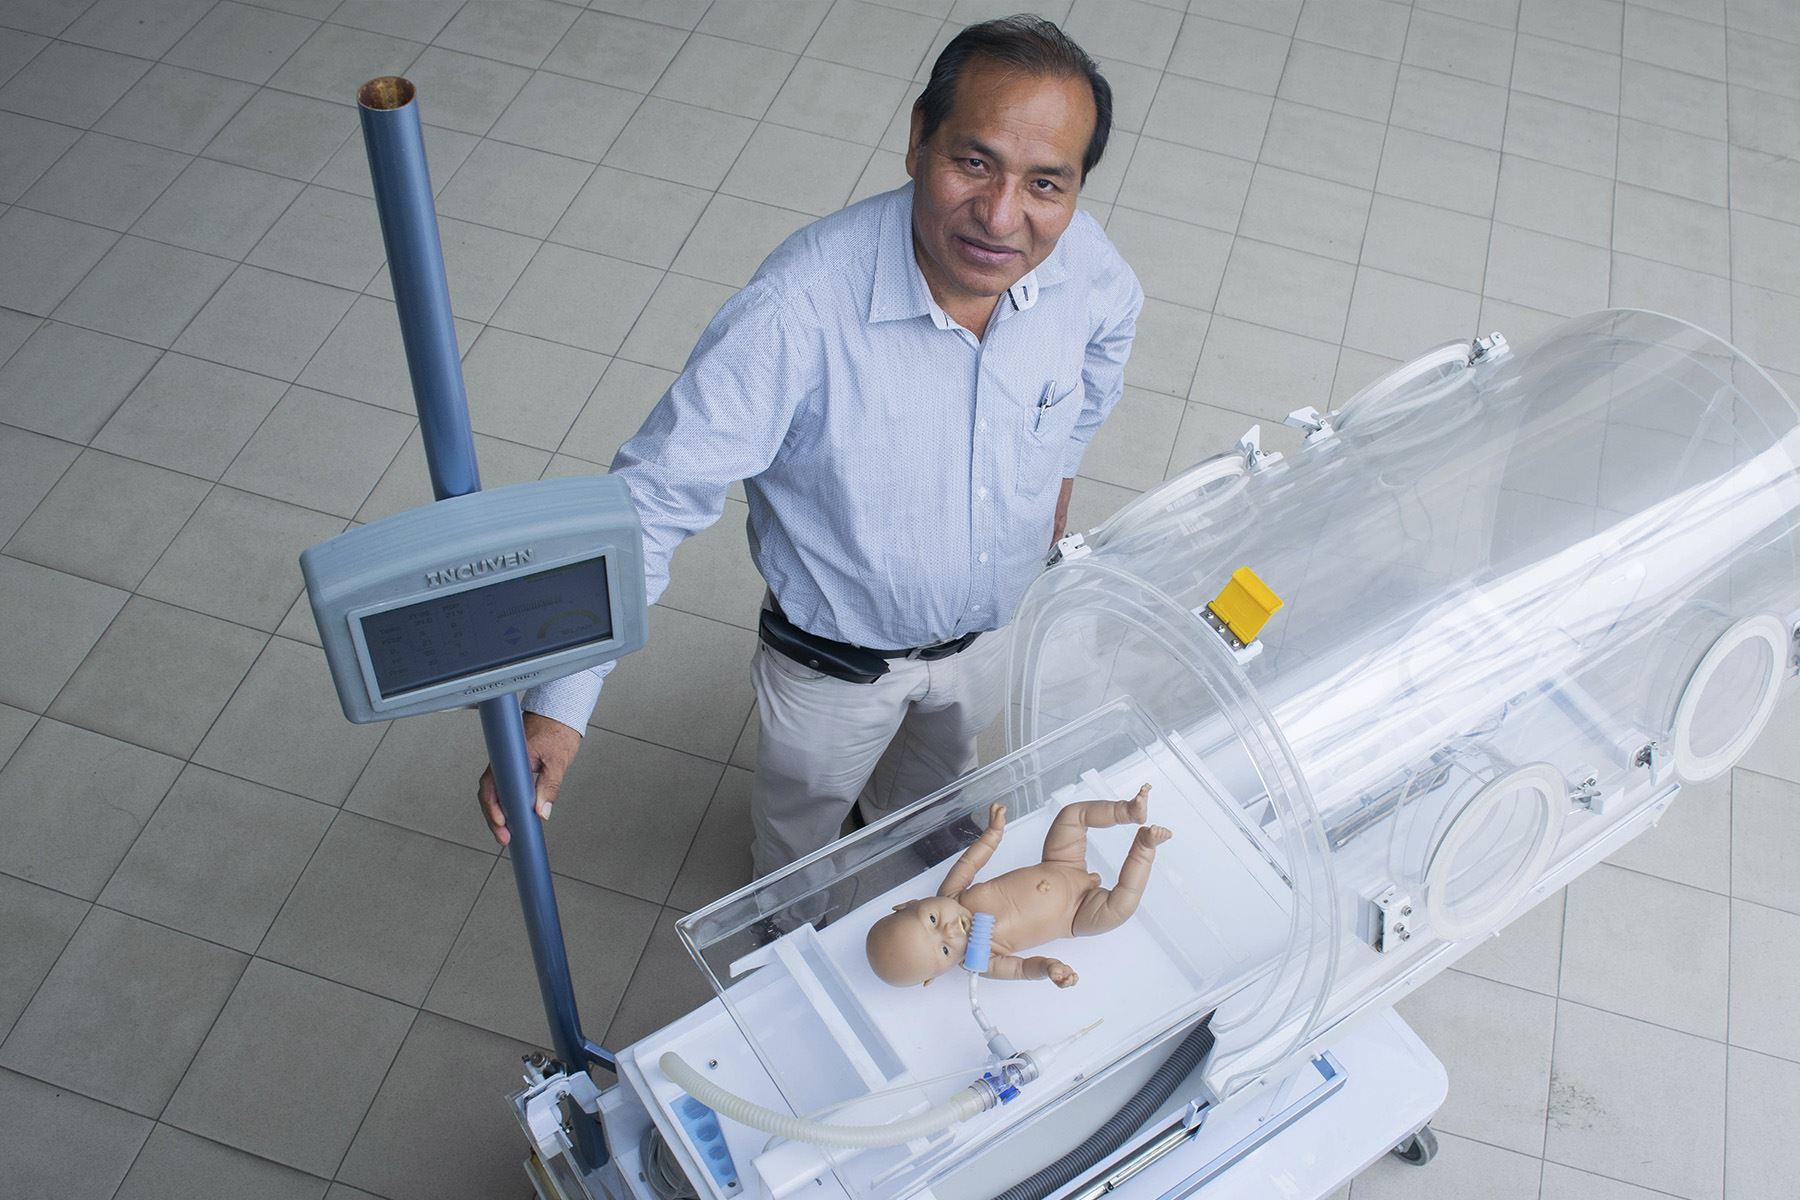 La Burbuja Artificial Neonatal es un proyecto de equipo médico que integra las funciones necesarias para que los recién nacidos prematuros puedan superar los cuidados intensivos. Foto: PUCP